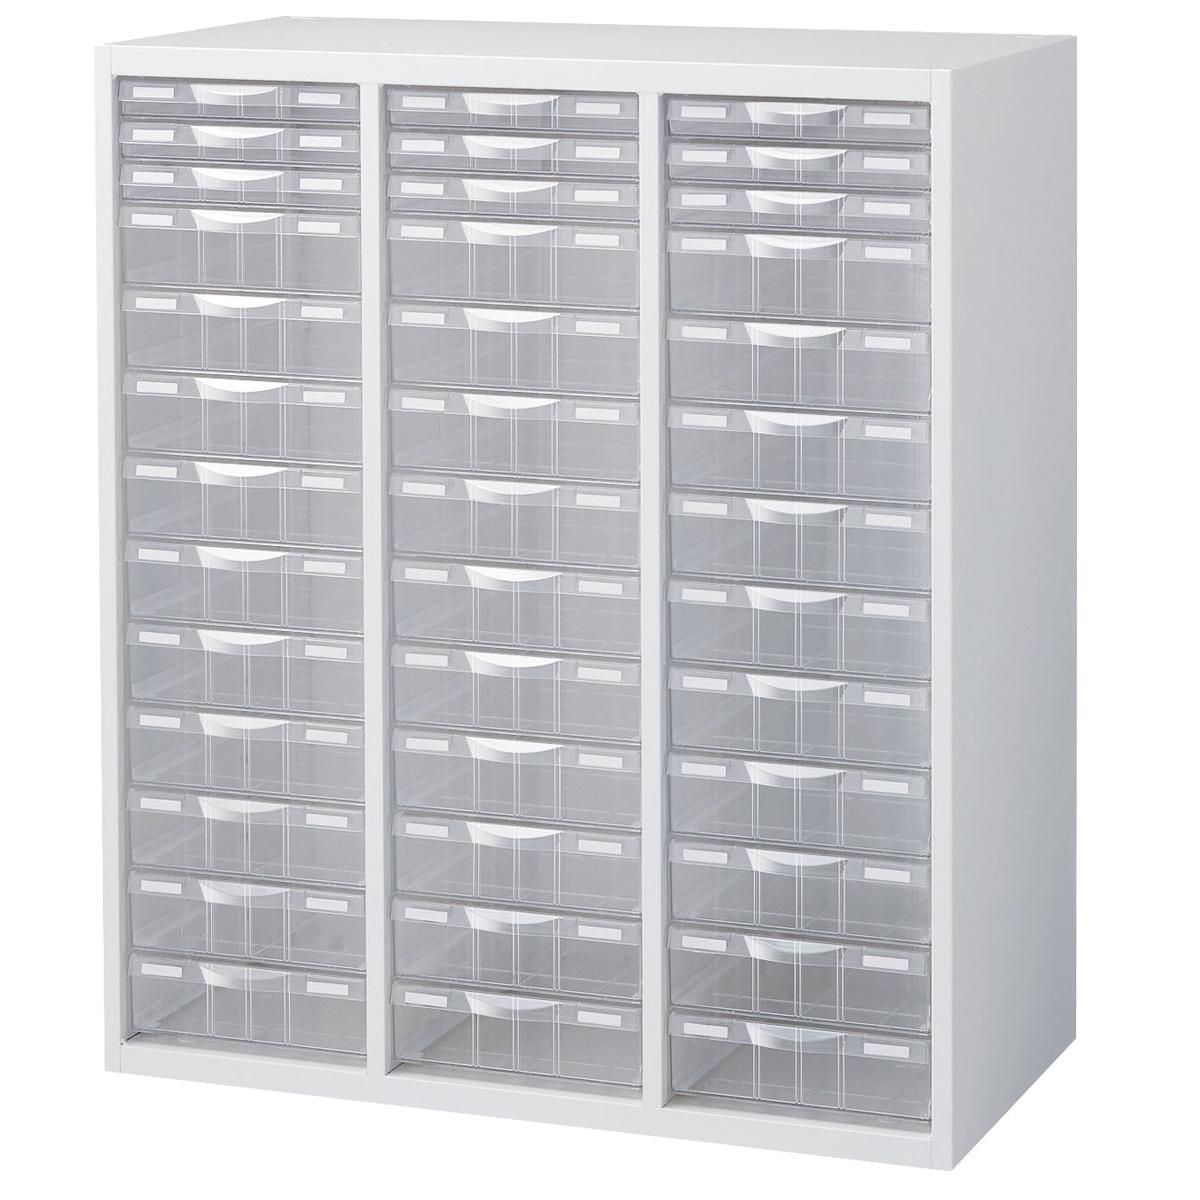 <お取り寄せ品※代引きキャンセル不可> プラスチック キャビネット RW5-N10C39 【 用紙 工具 整理 棚 収納 多目的 システム収納棚 】